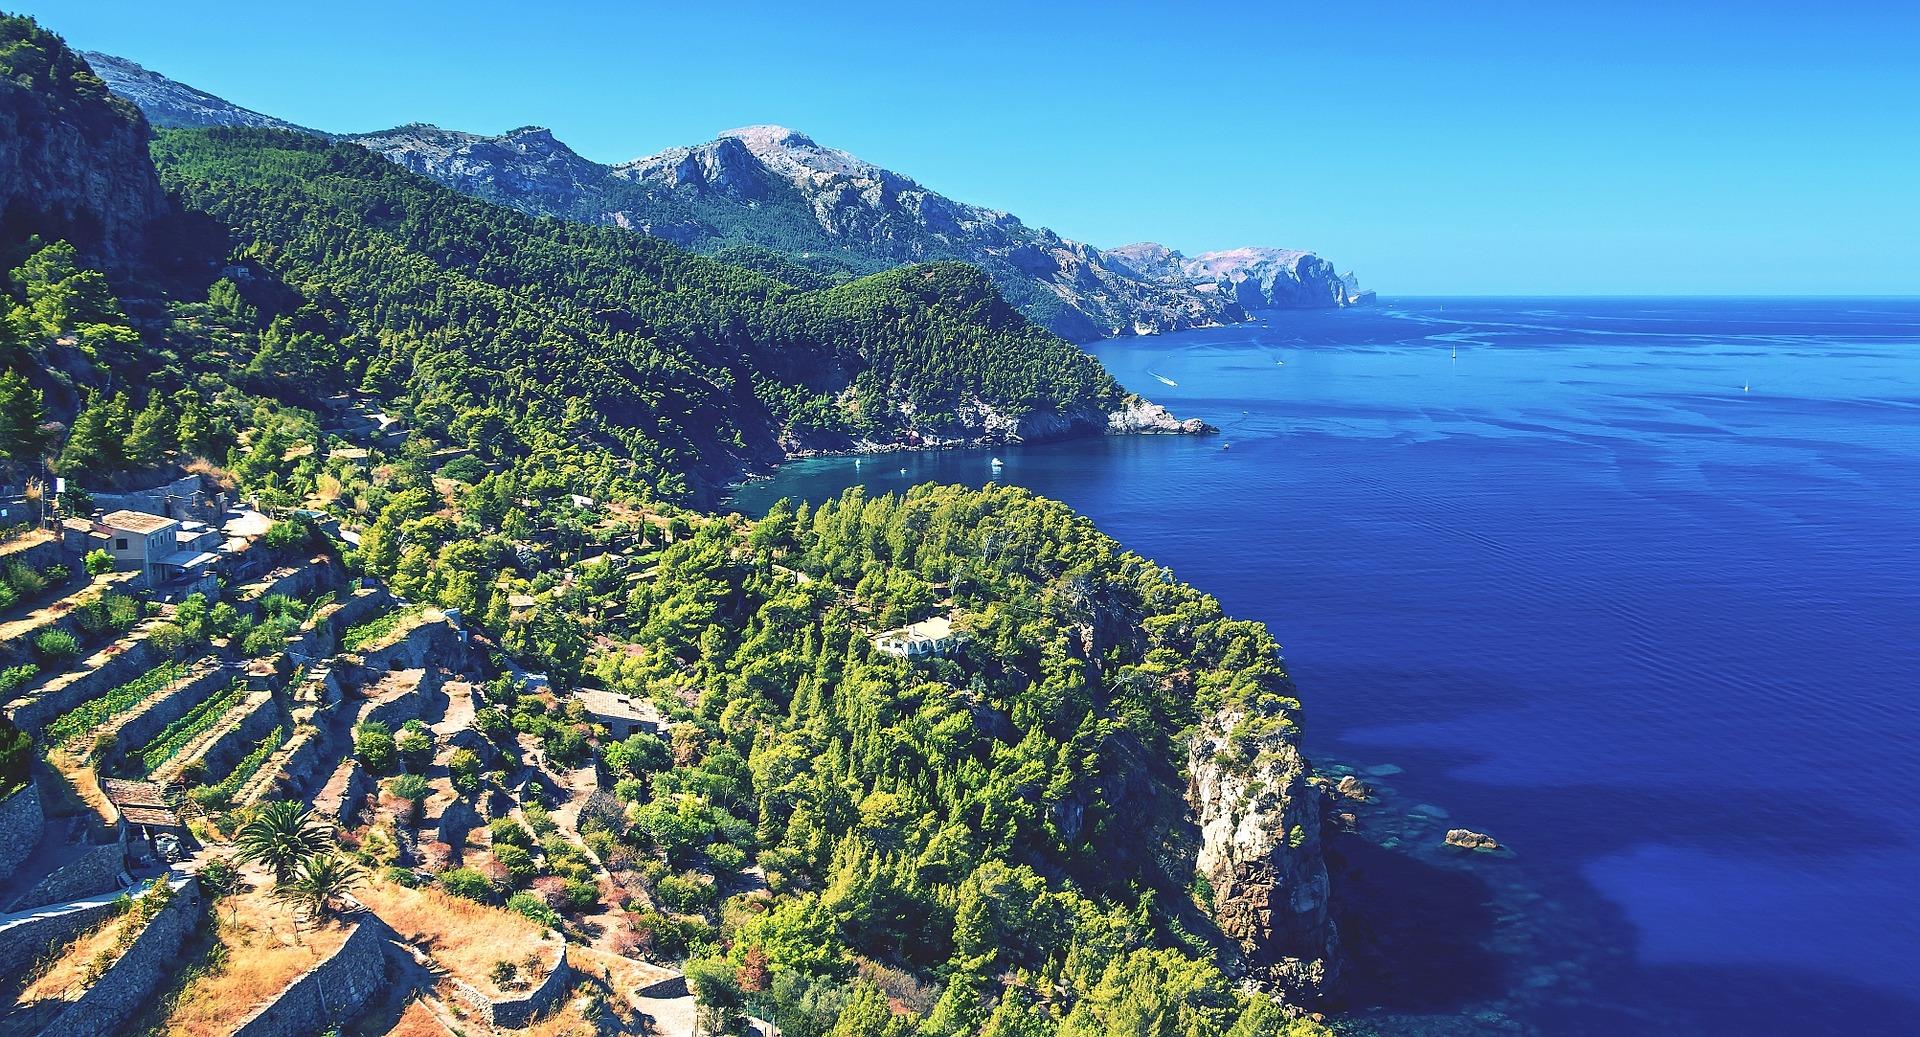 Majorca scenery